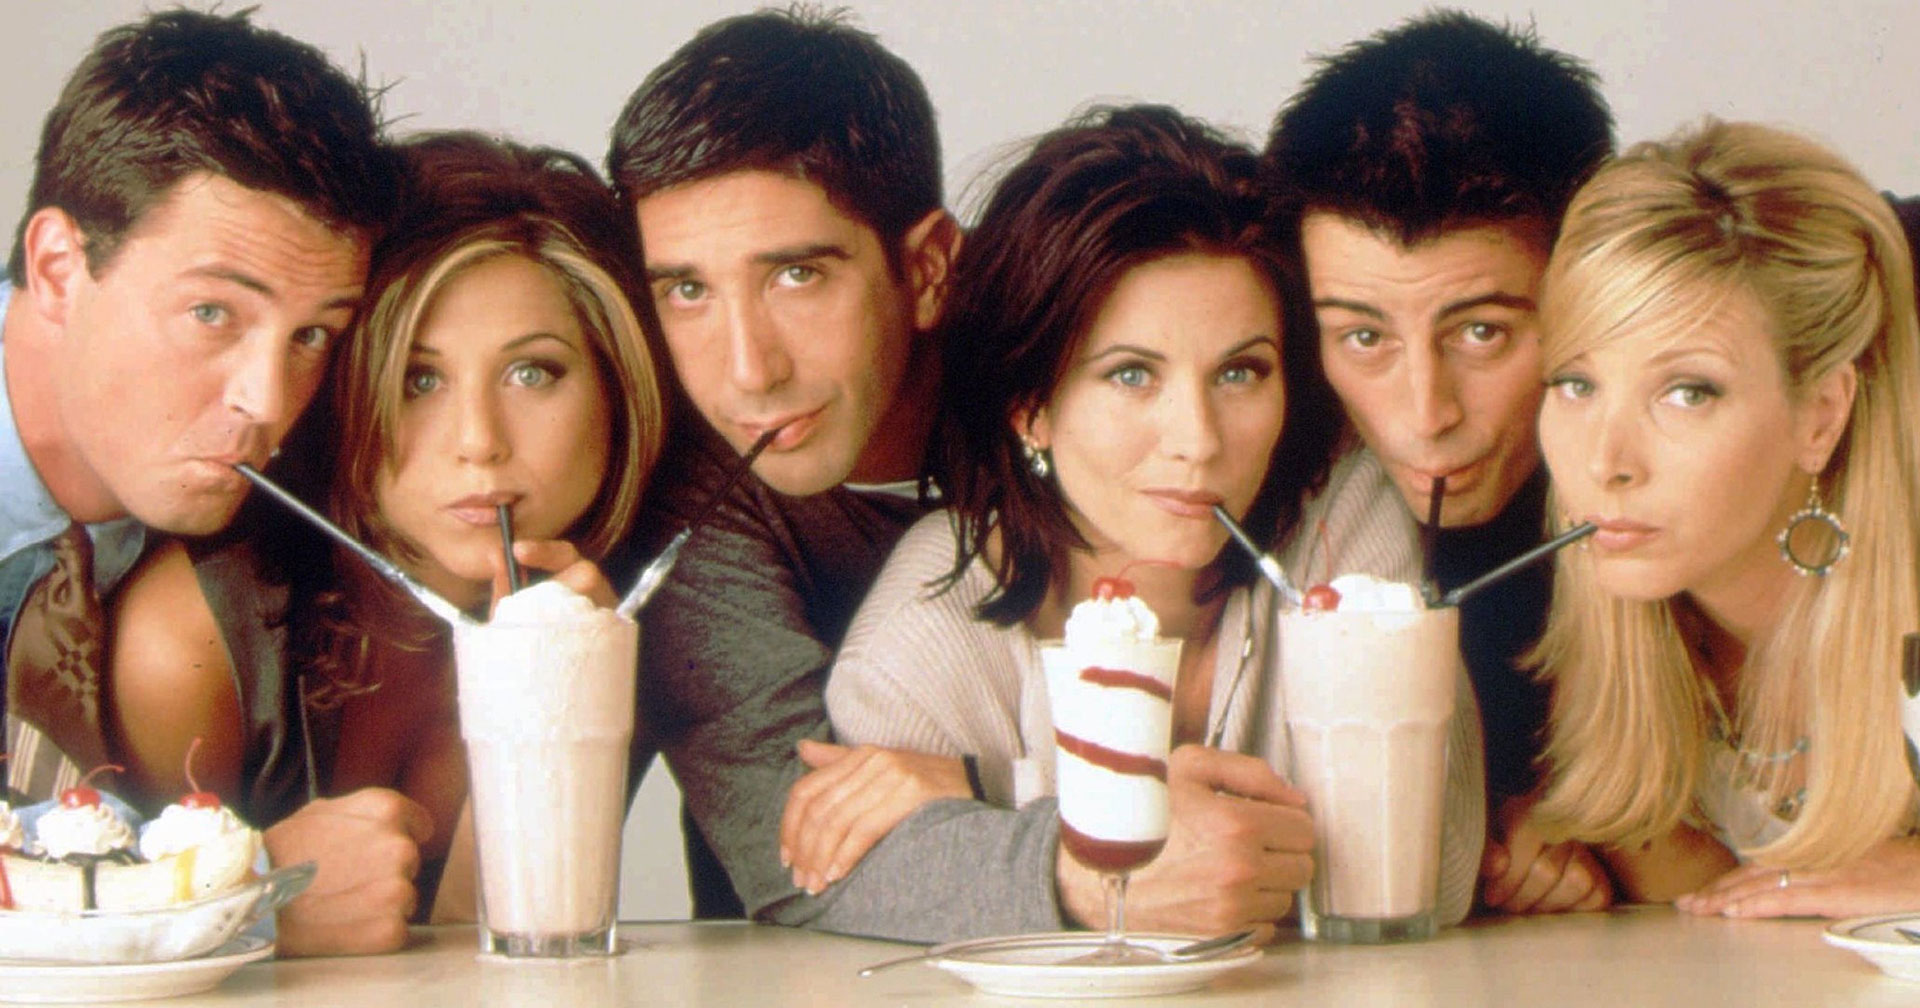 Su fama mundial llegó por Rachel Green, papel que interpretó desde 1994 hasta que terminó la comedia en 2004. Originalmente los productores querían que fuese Monica Geller